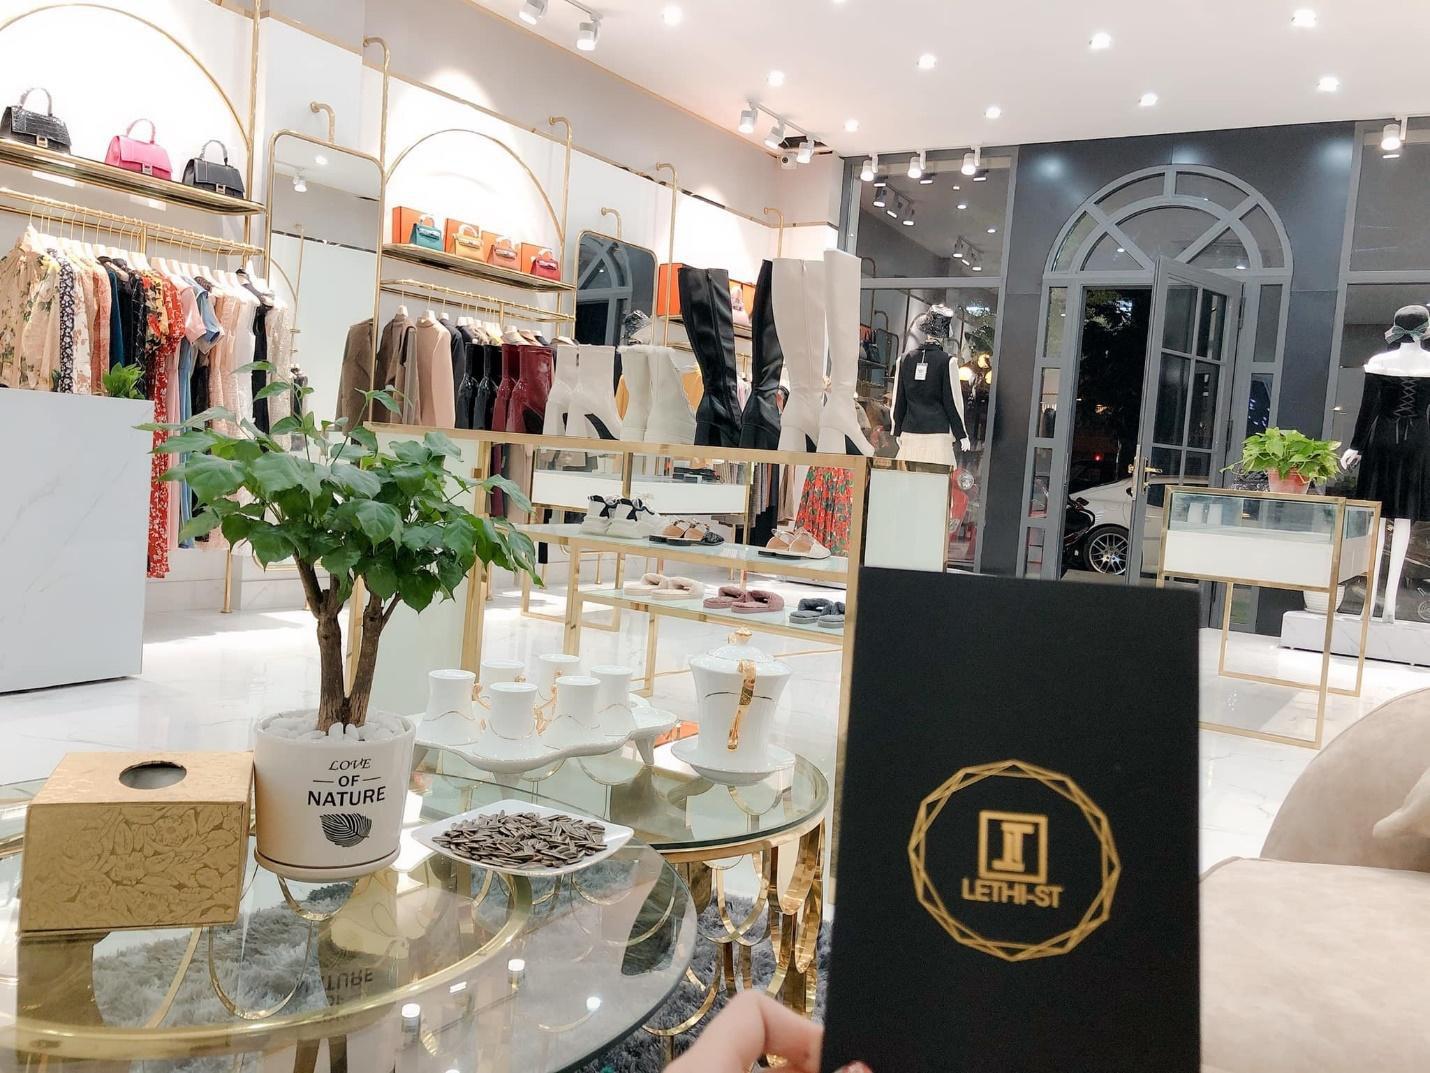 Lêthi - ST: Địa chỉ mua sắm thời trang được nhiều bạn trẻ yêu thích - Ảnh 1.